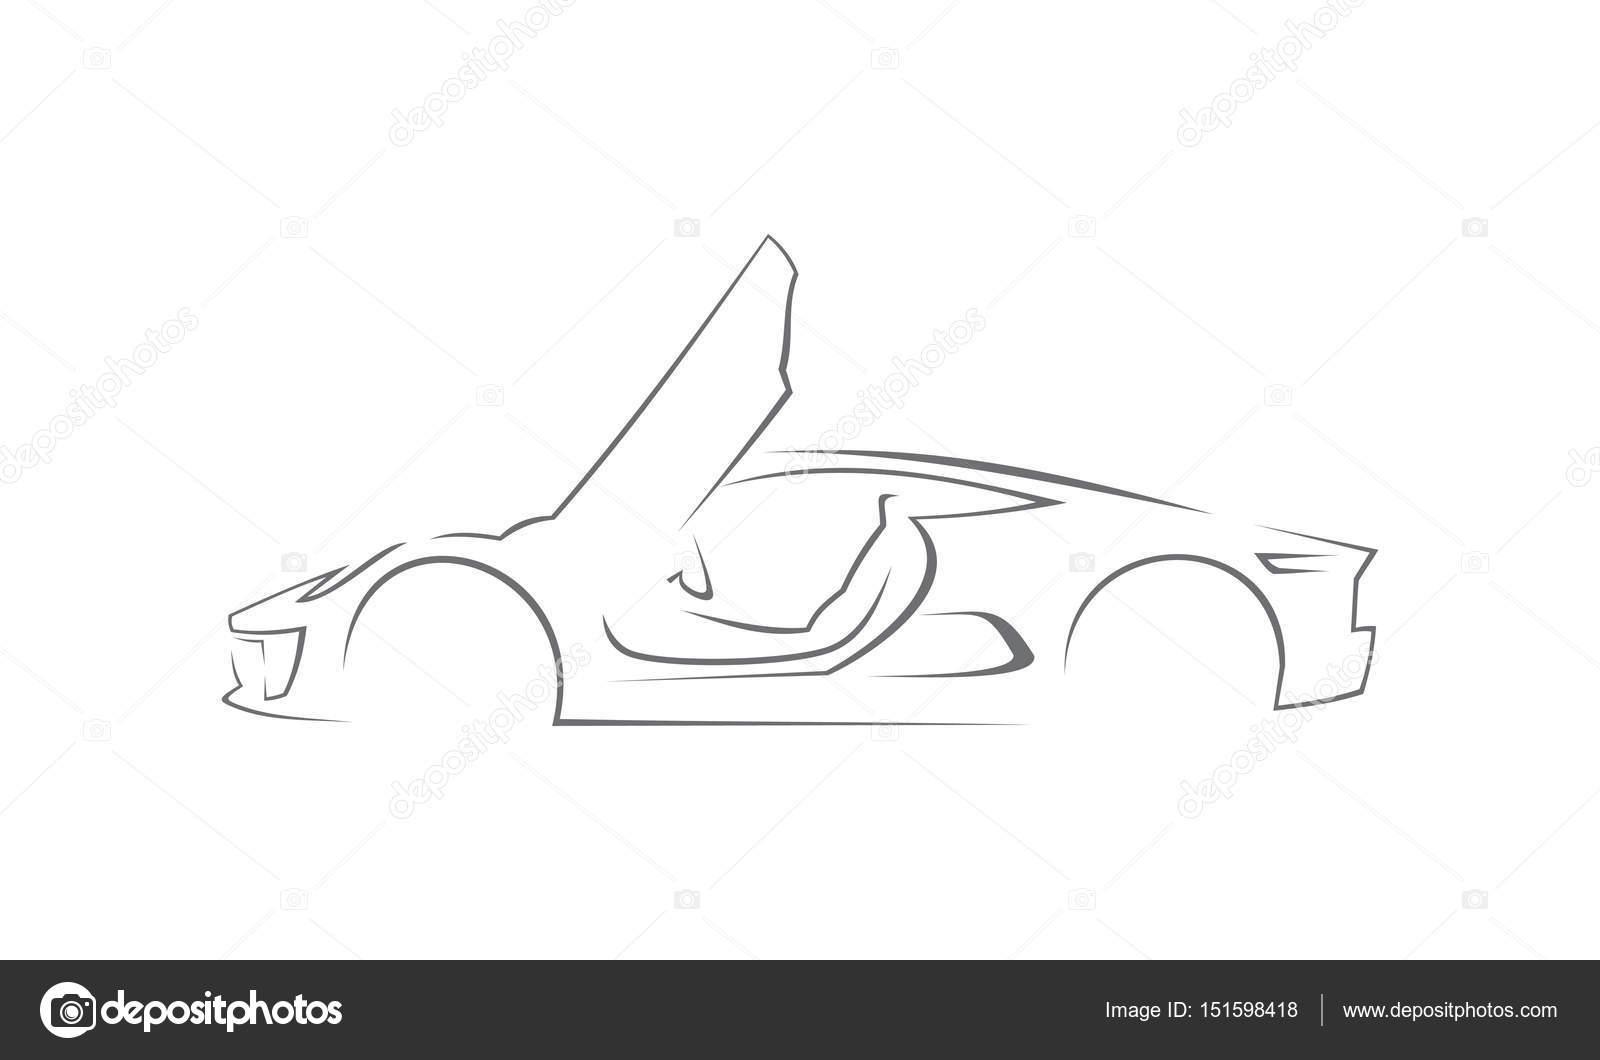 Plantilla de logotipo de coche — Foto de stock © alluranet #151598418